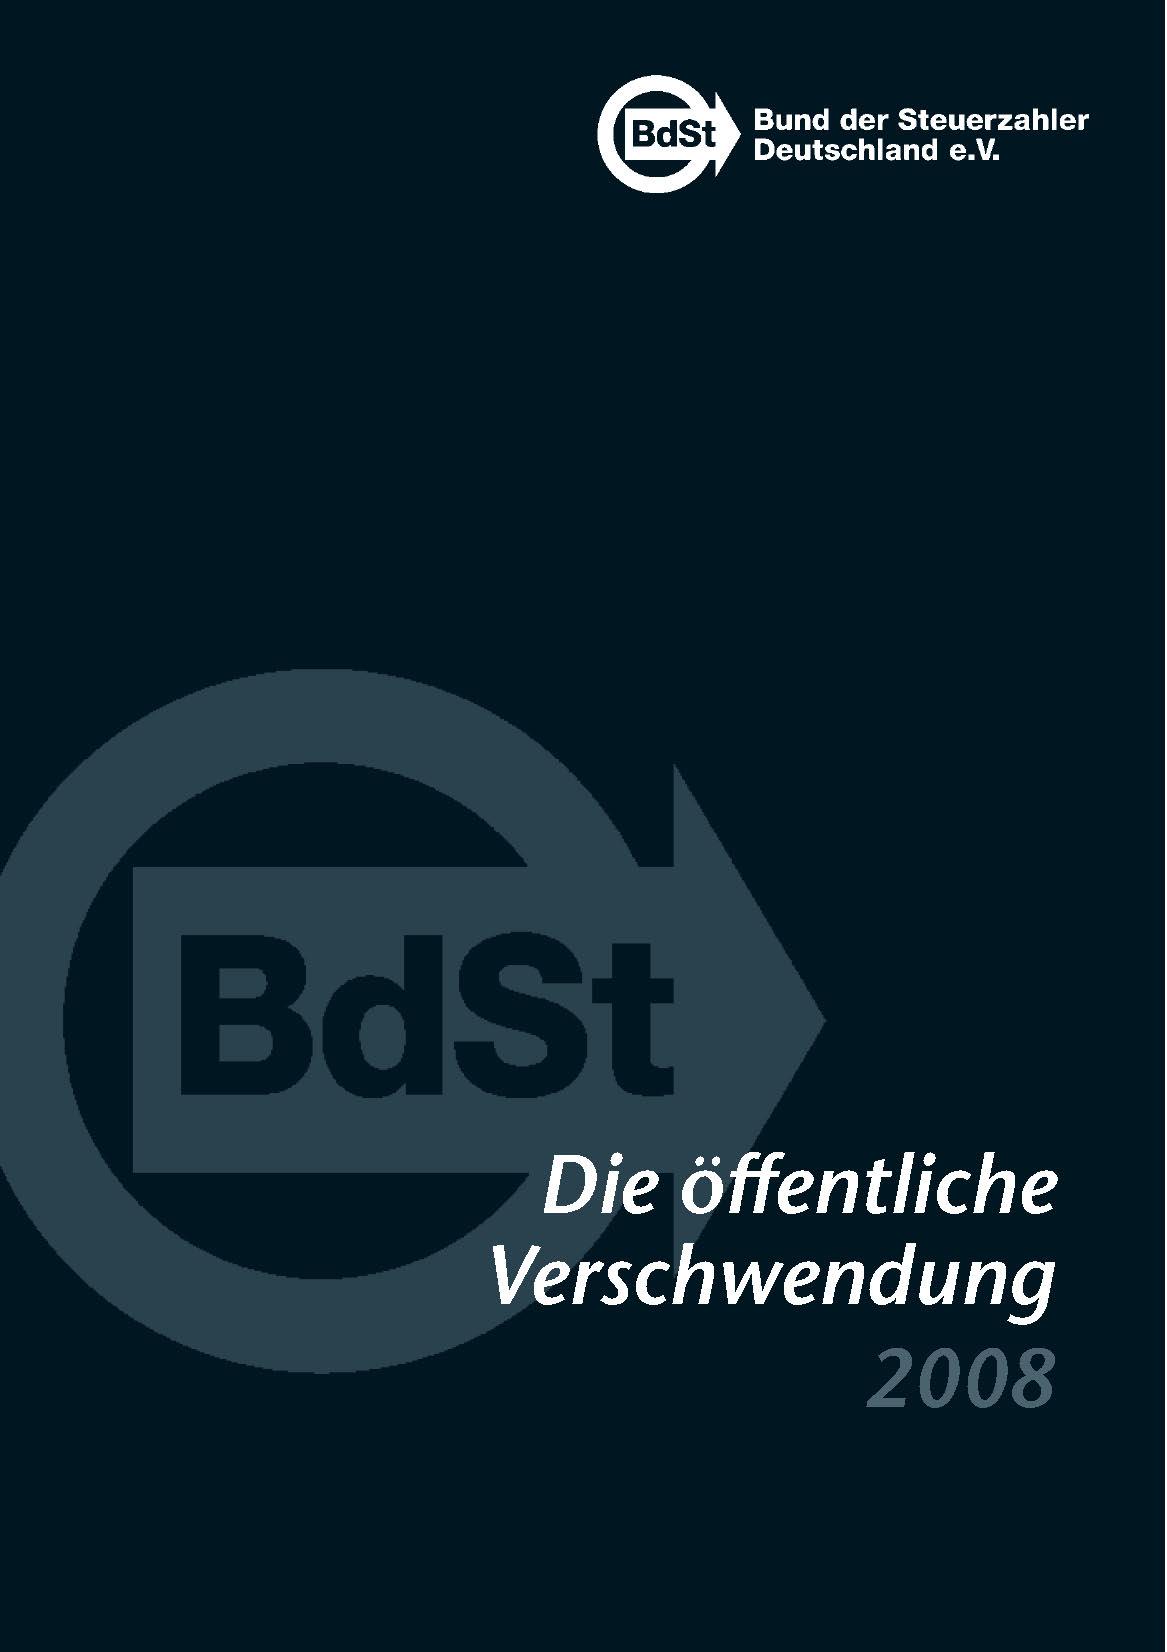 stuttgart-aktiv-bund-der-steuerzahler-schwarzbuch1.jpg